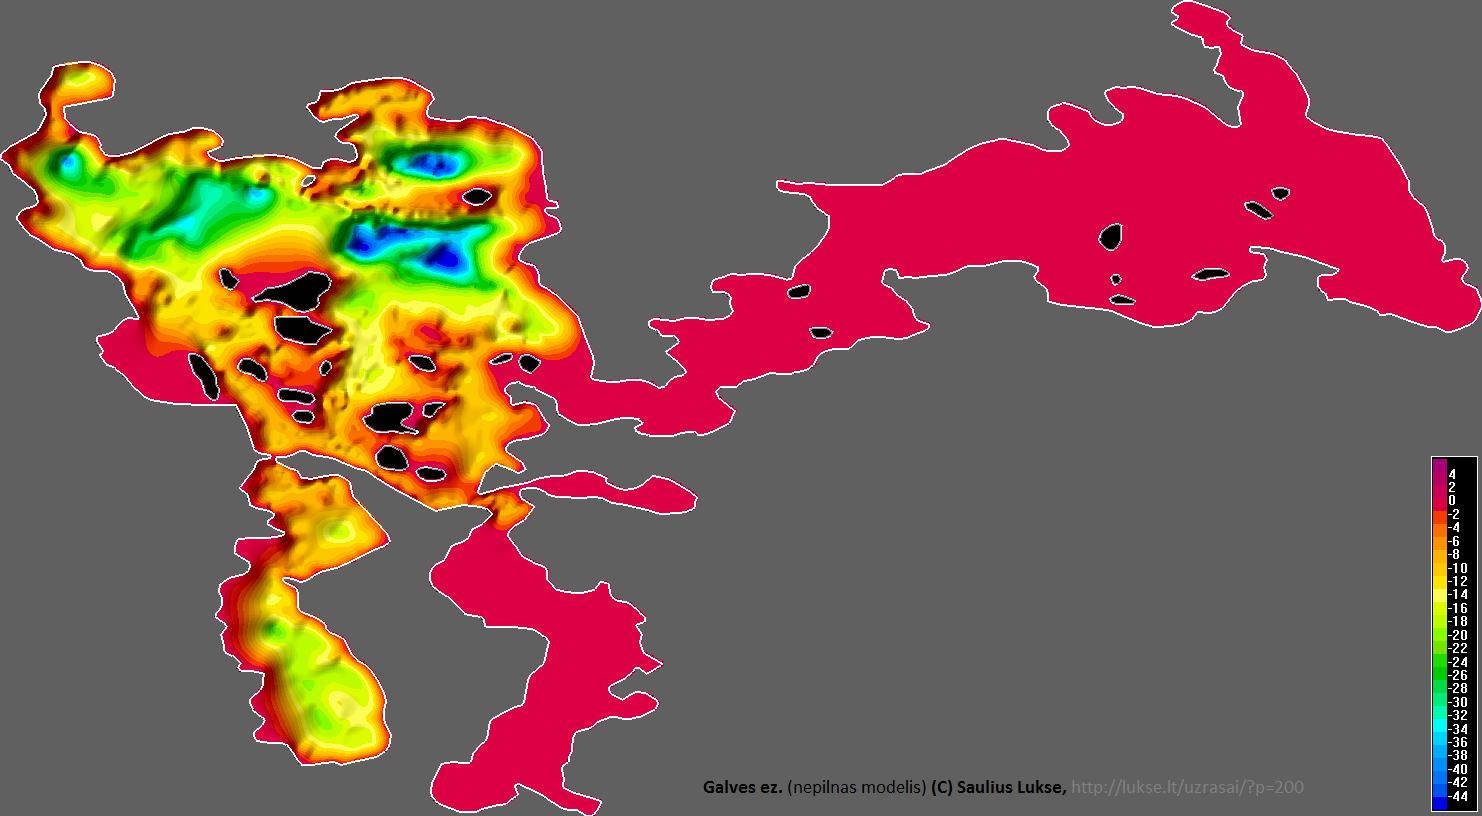 Galvės žemėlapis iš mano surinktų duomenų